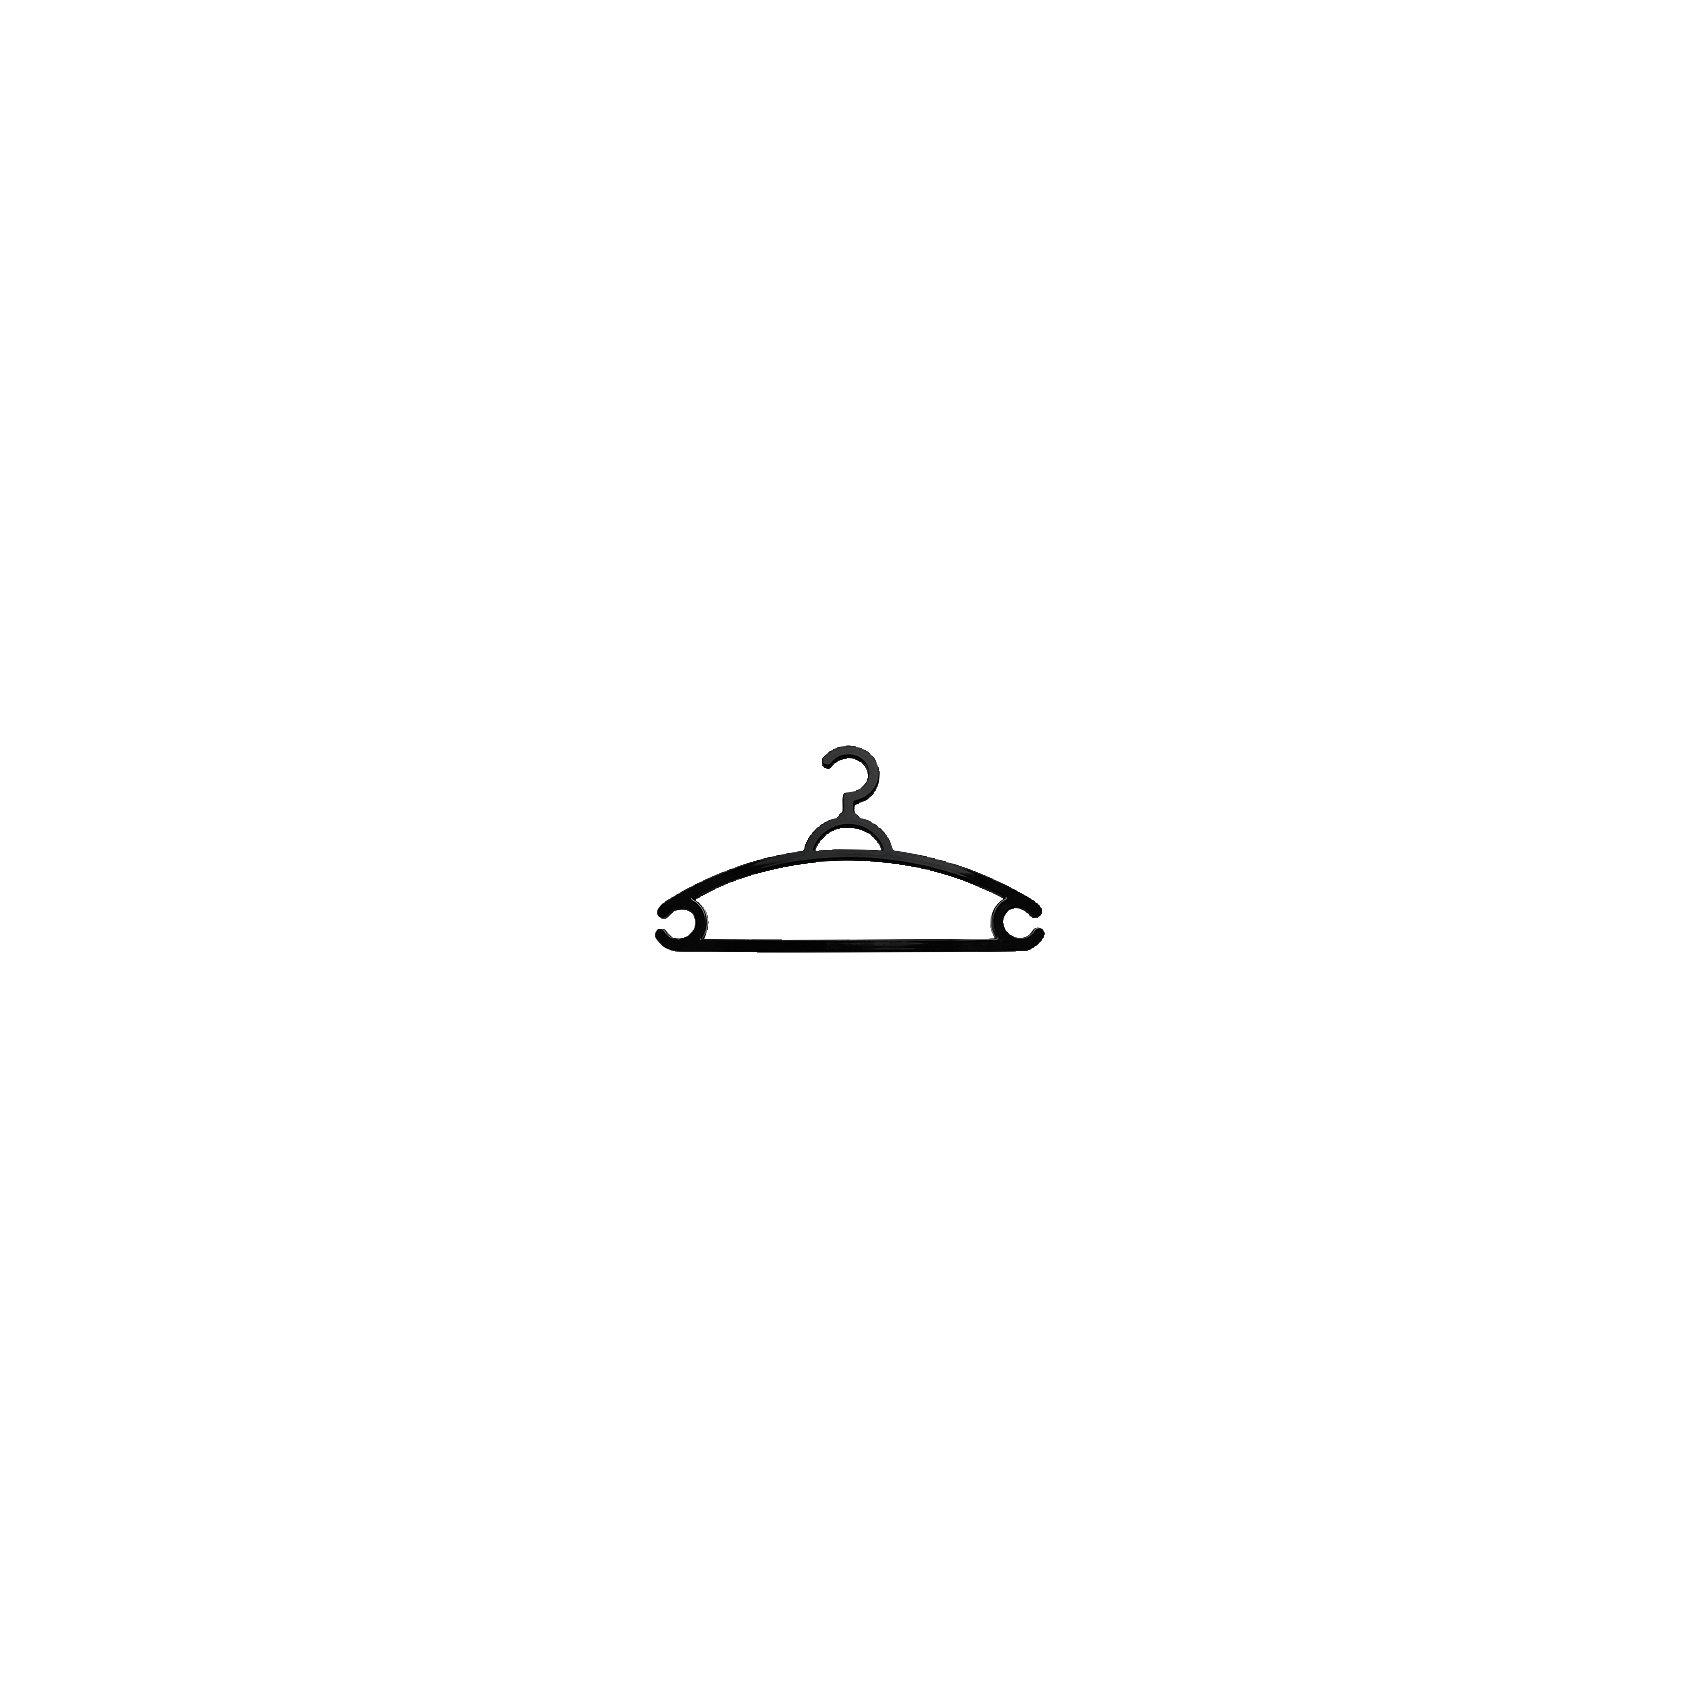 Вешалка для легкой одежды Keeper-1, BranQПредметы интерьера<br>Вешалка для легкой одежды Keeper-1, BranQ<br><br>Характеристики:<br><br>• Цвет: черный<br>• Материал: пластик<br>• В комплекте: 1 штука<br><br>Вешалка изготовлена при помощи пластика высокого качества, а потому имеет повышенную прочность и не бьется. Оснащена закругленными плечиками, для предоставления более бережного хранения вашим вещам, а так же имеет перекладину и два крючка.<br><br>Вешалка для легкой одежды Keeper-1, BranQ можно купить в нашем интернет-магазине.<br><br>Ширина мм: 410<br>Глубина мм: 235<br>Высота мм: 7<br>Вес г: 51<br>Возраст от месяцев: 216<br>Возраст до месяцев: 1188<br>Пол: Унисекс<br>Возраст: Детский<br>SKU: 5545600